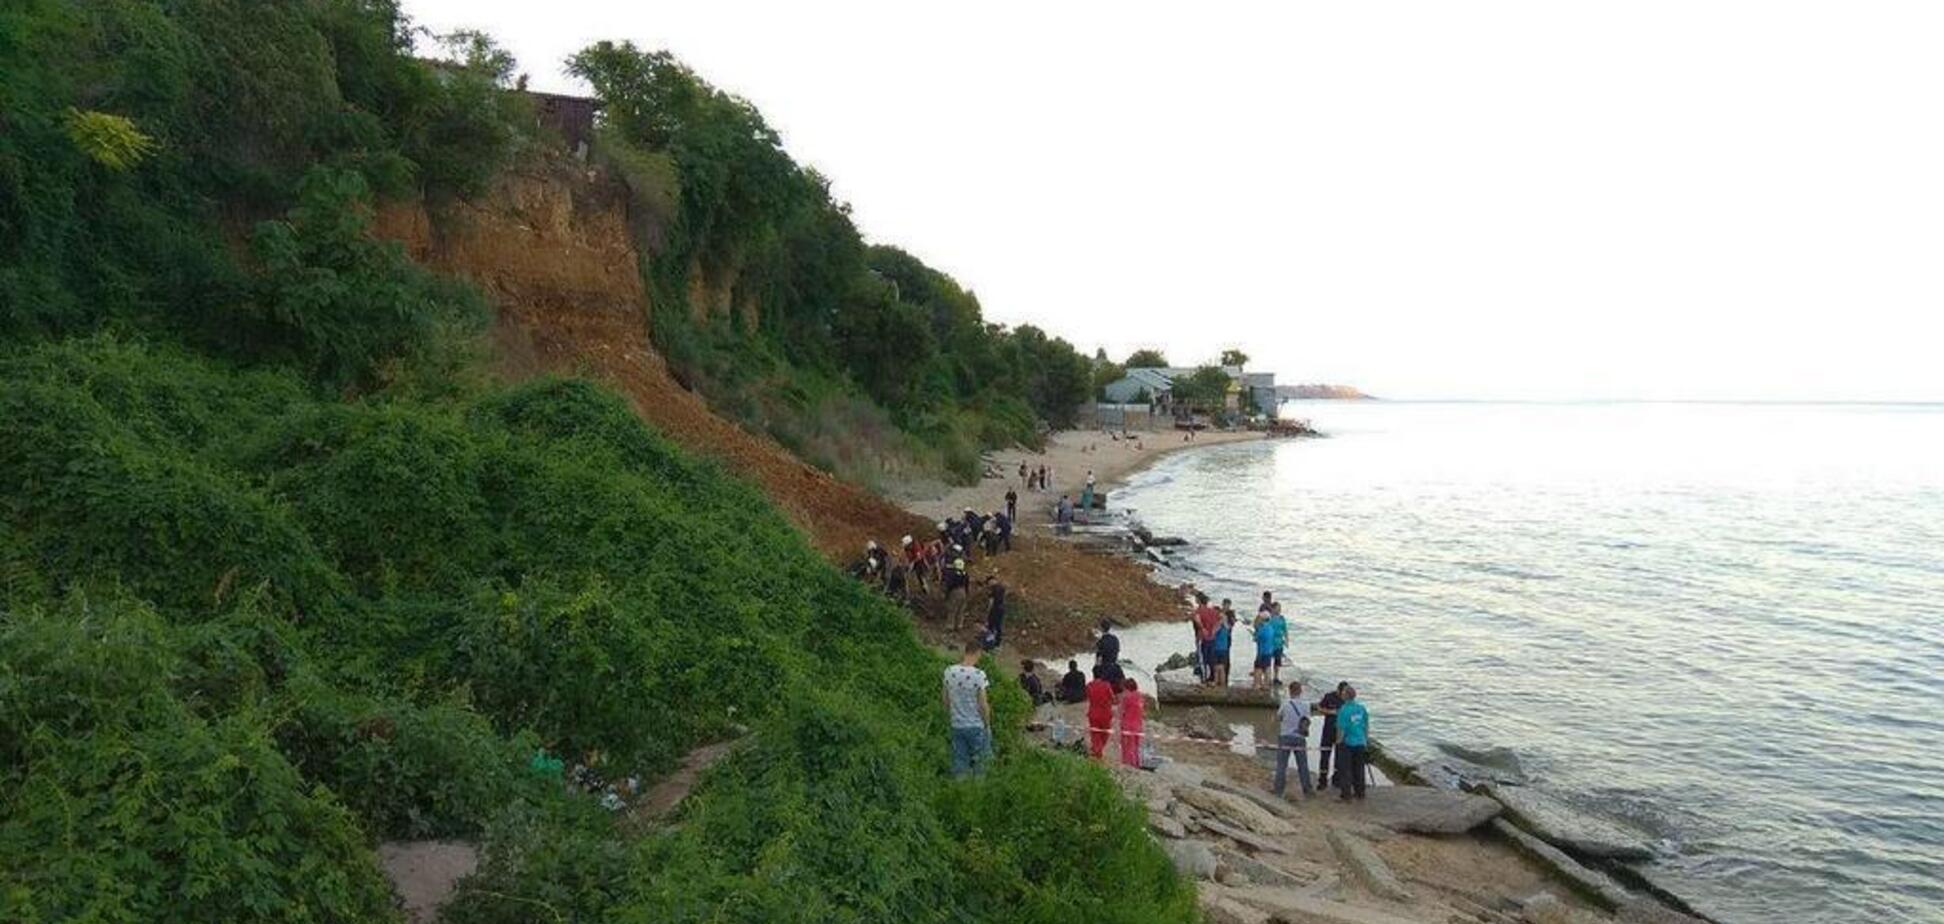 'Нас окутало пылью, а земля дрожала!' Очевидец рассказал жуткие подробности схода оползня на пляже в Одессе